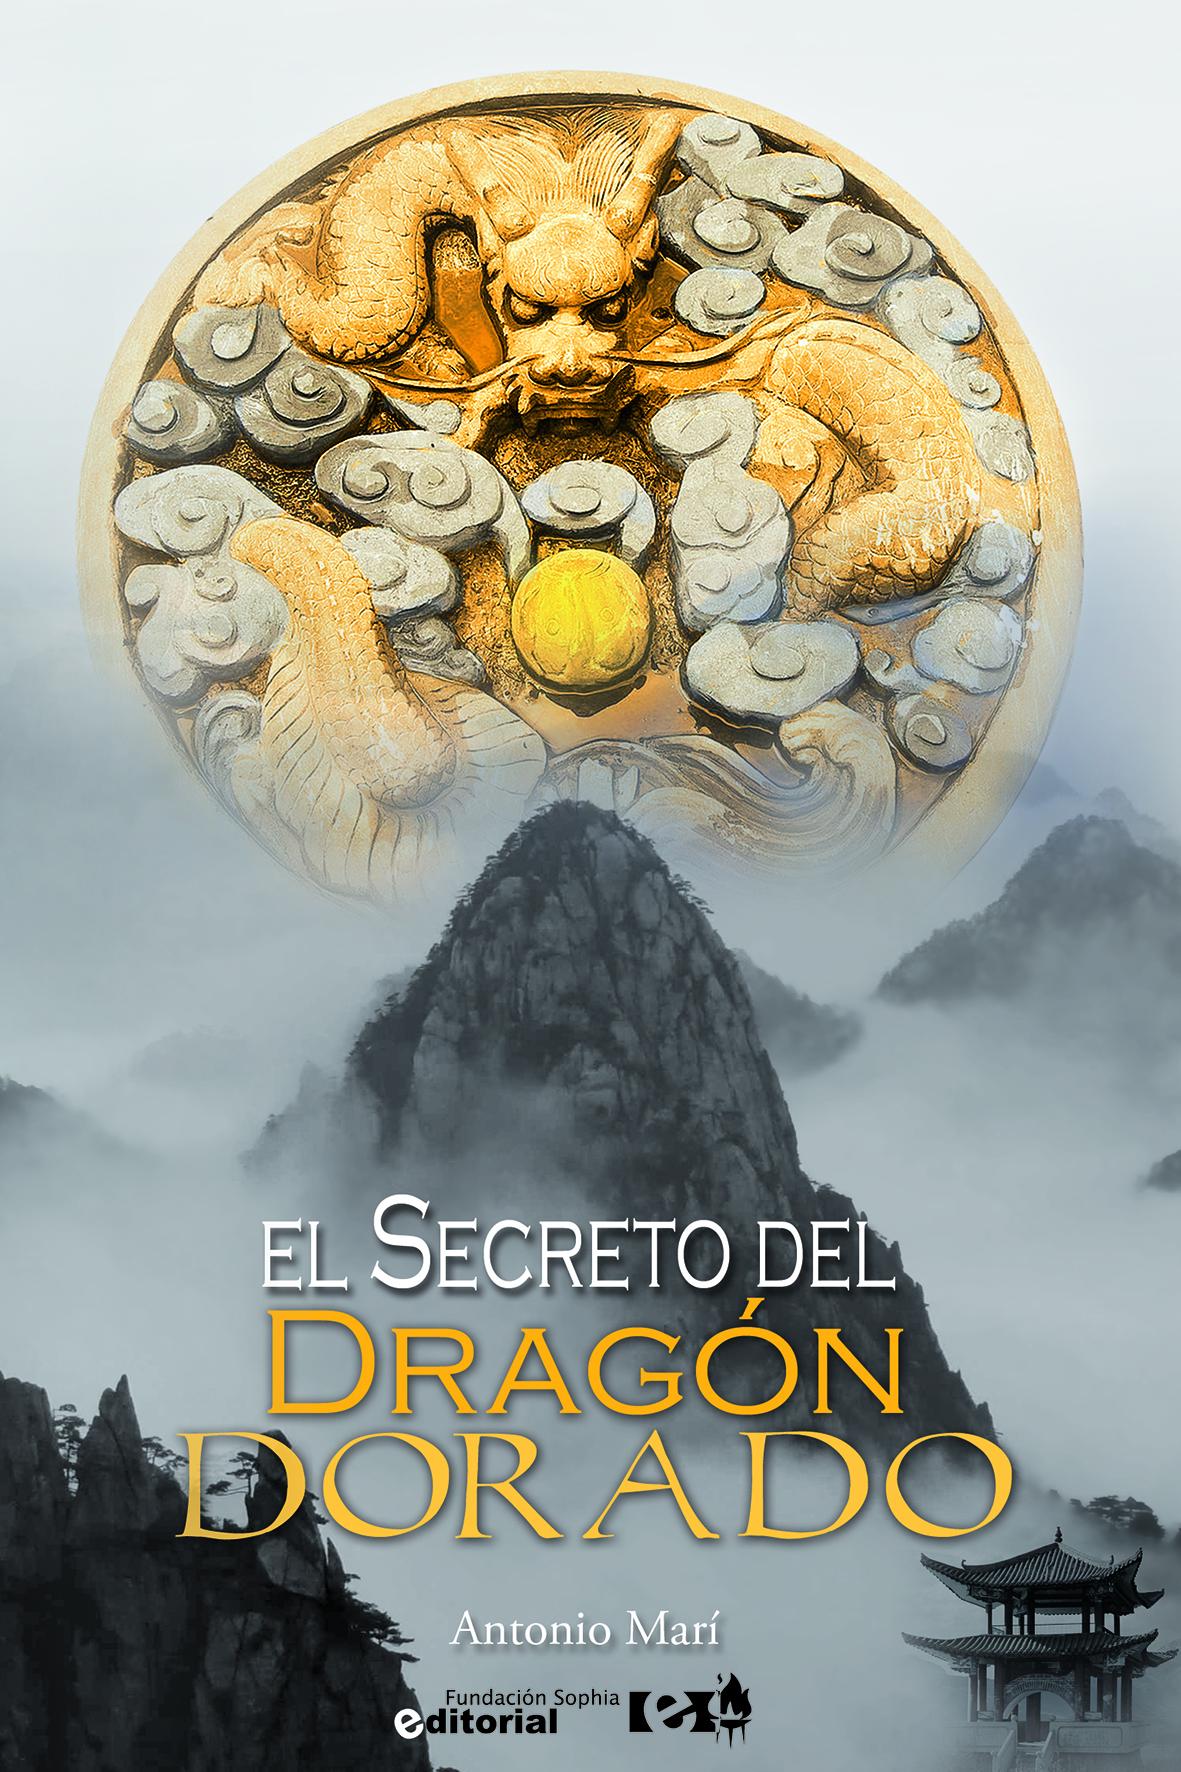 El Secreto del Dragón Dorado - Antonio Marí